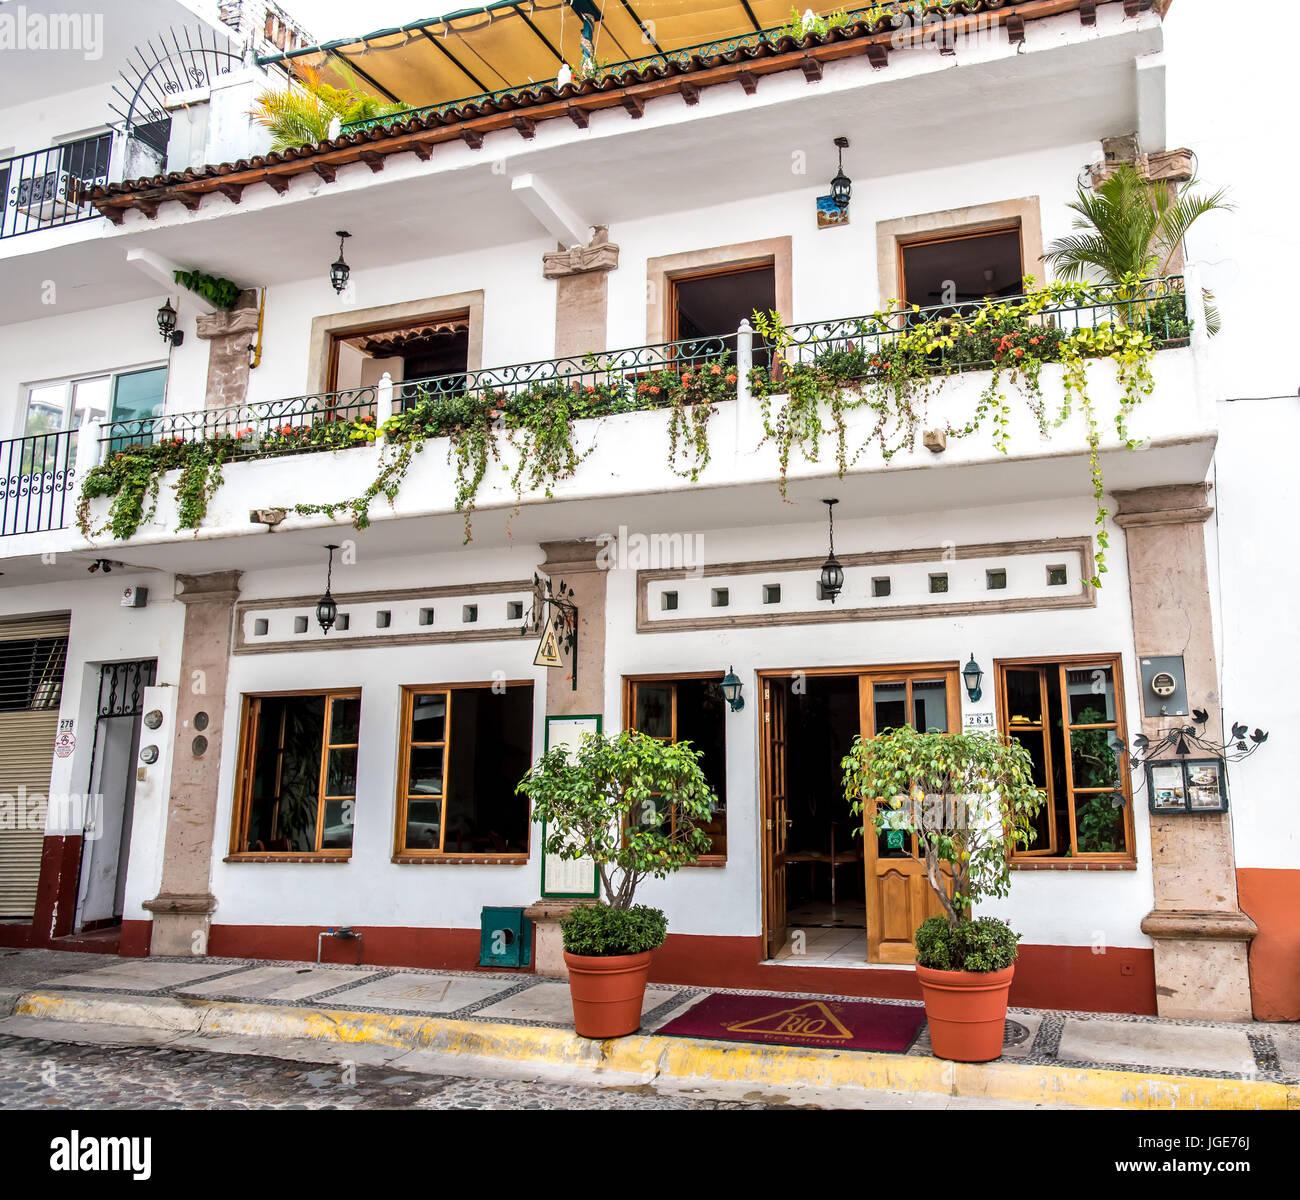 Exterior of Trio restaurant in Puerto Vallarta's Zona Romantica or Romantic Zone. - Stock Image